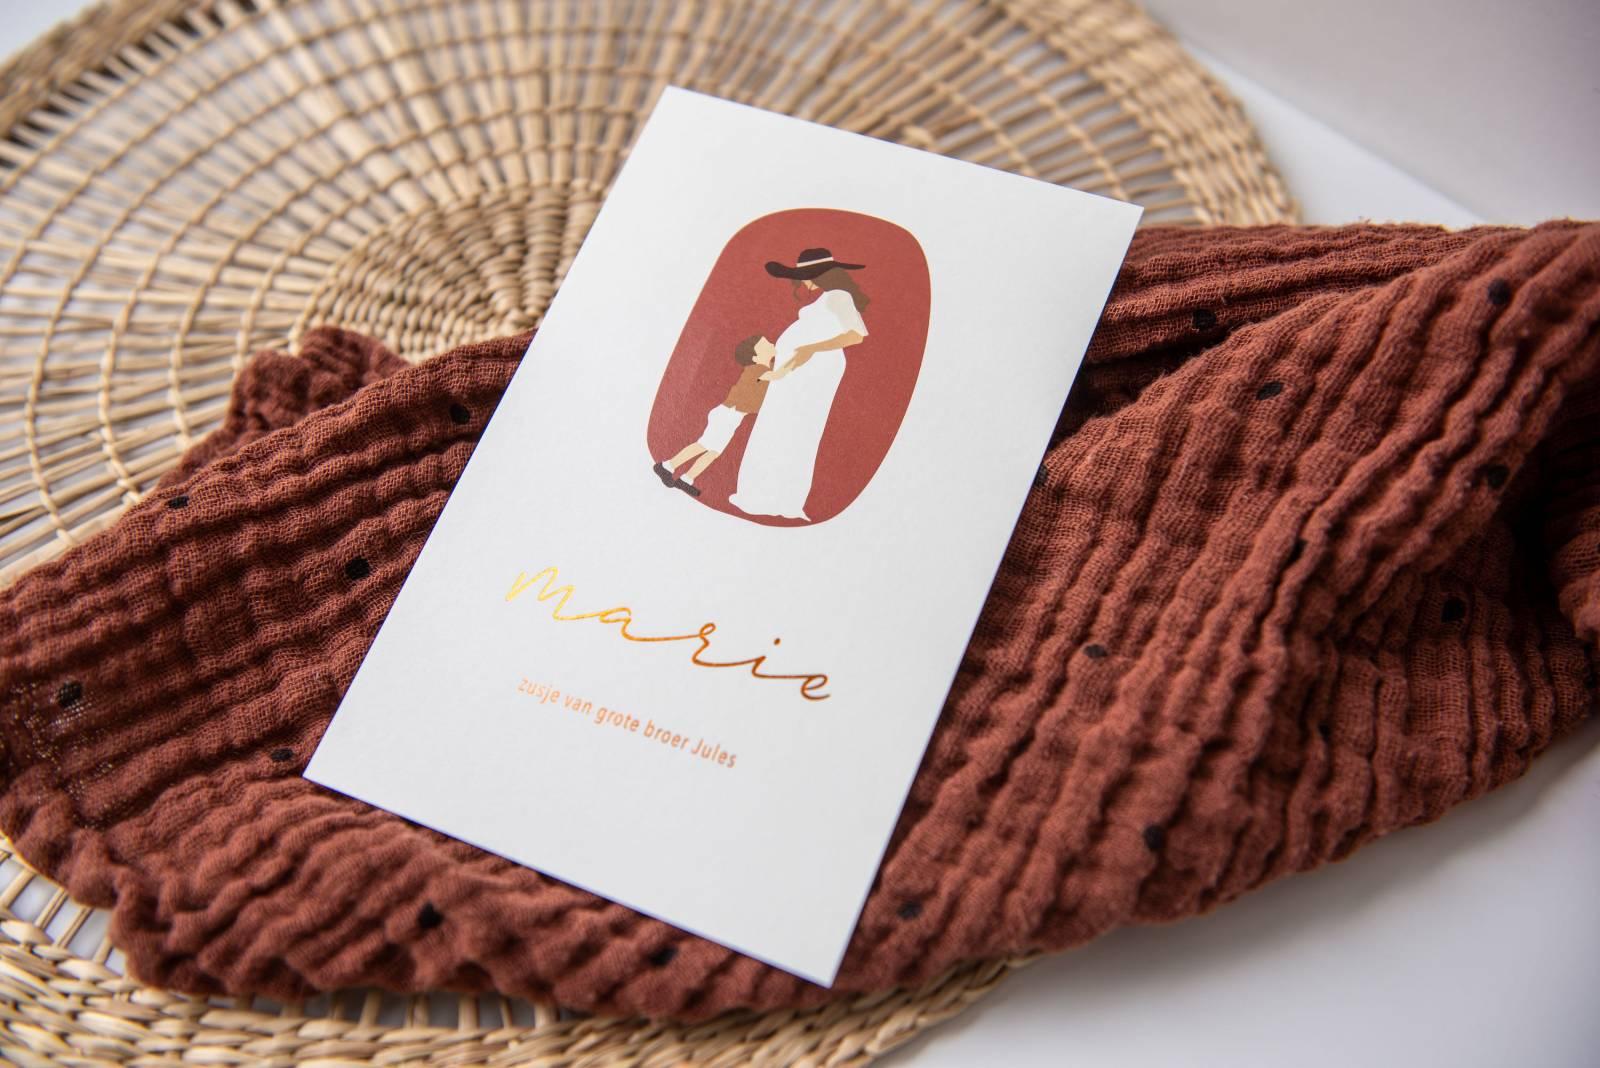 Atelier Maurice - Celien Decloedt - Trouwuitnodigingen en drukwerk - House of Weddings 6